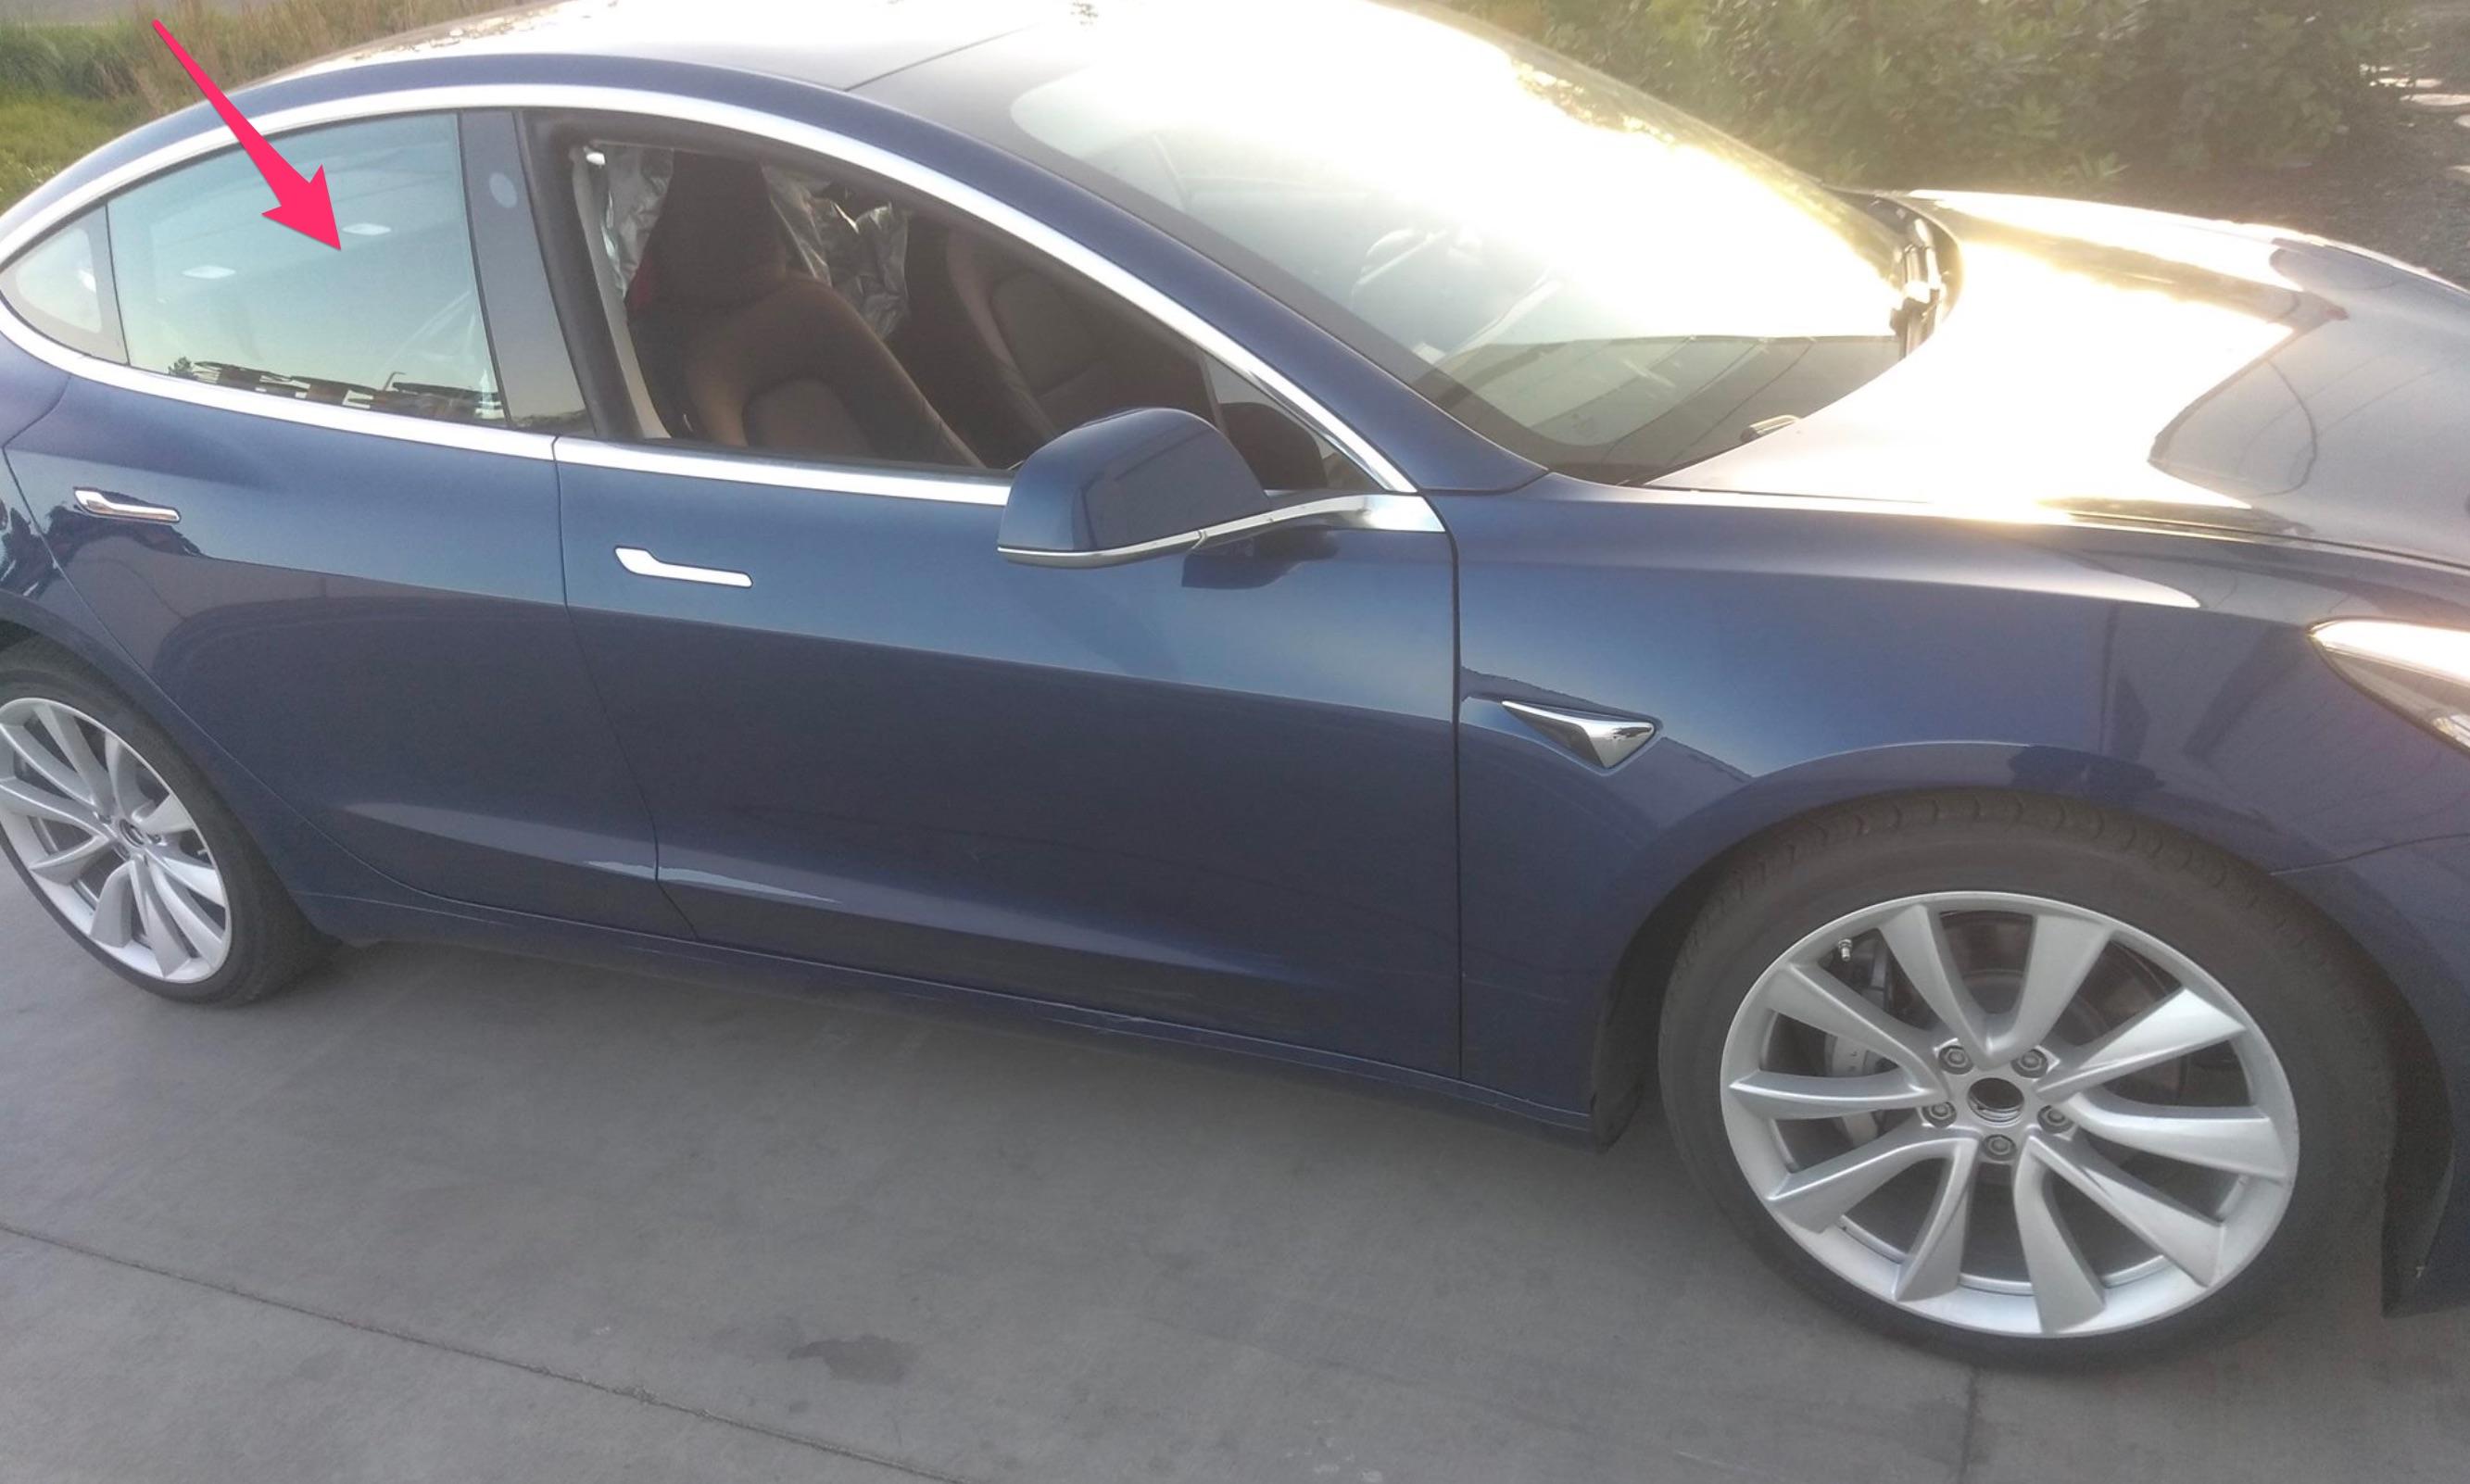 Tesla Powerwall 2 >> Tesla Model 3 with split folding rear seats spotted near ...